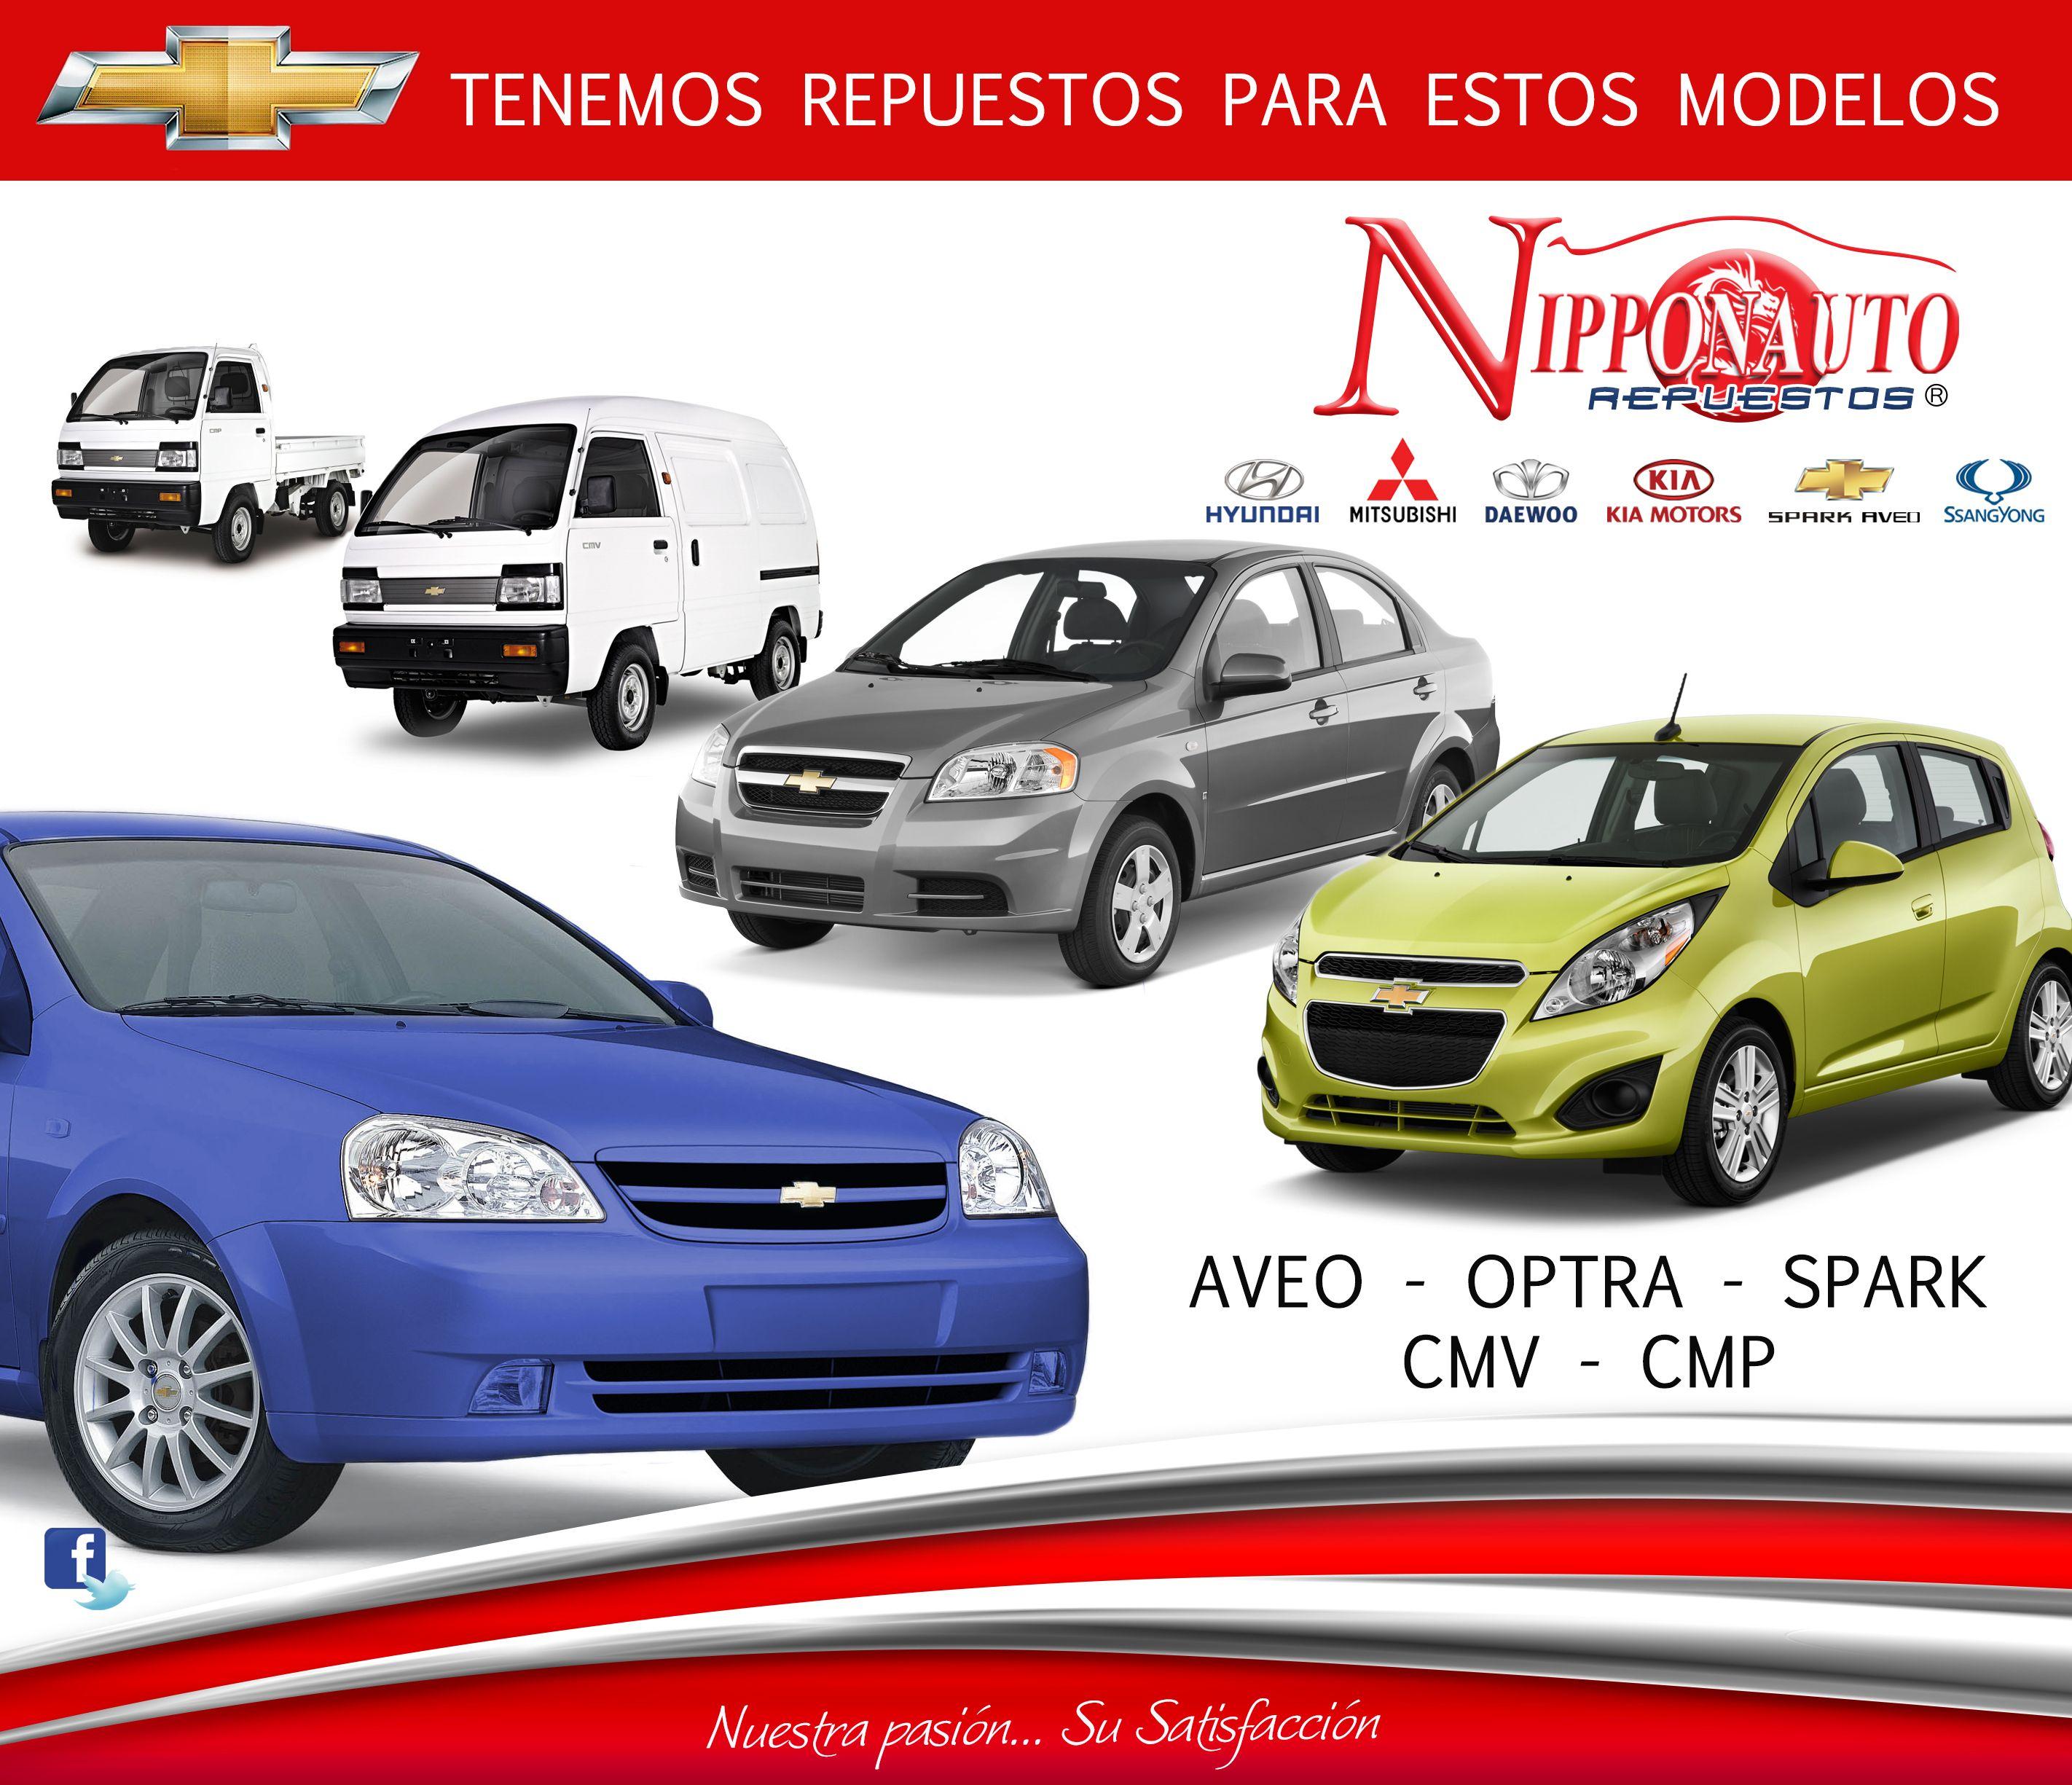 Tenemos Repuestos Para Estos Modelos De Chevrolet Modelos